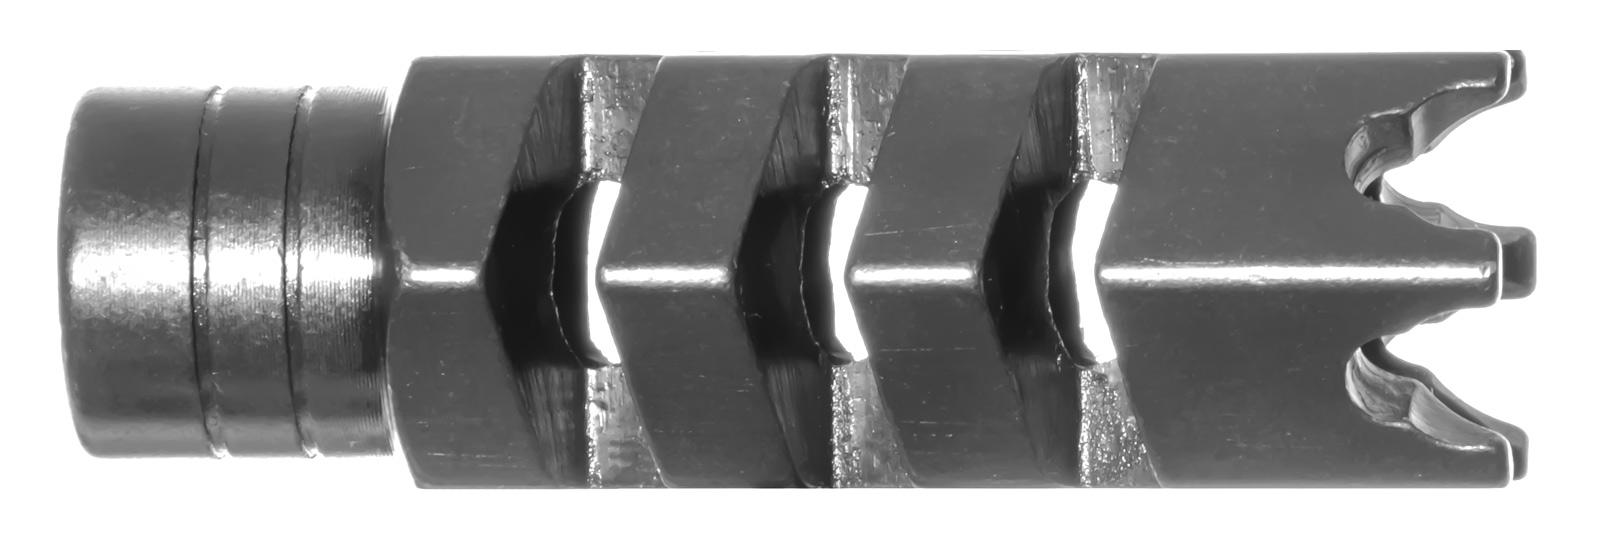 ar-15-flash-hider-m01-2-5-56